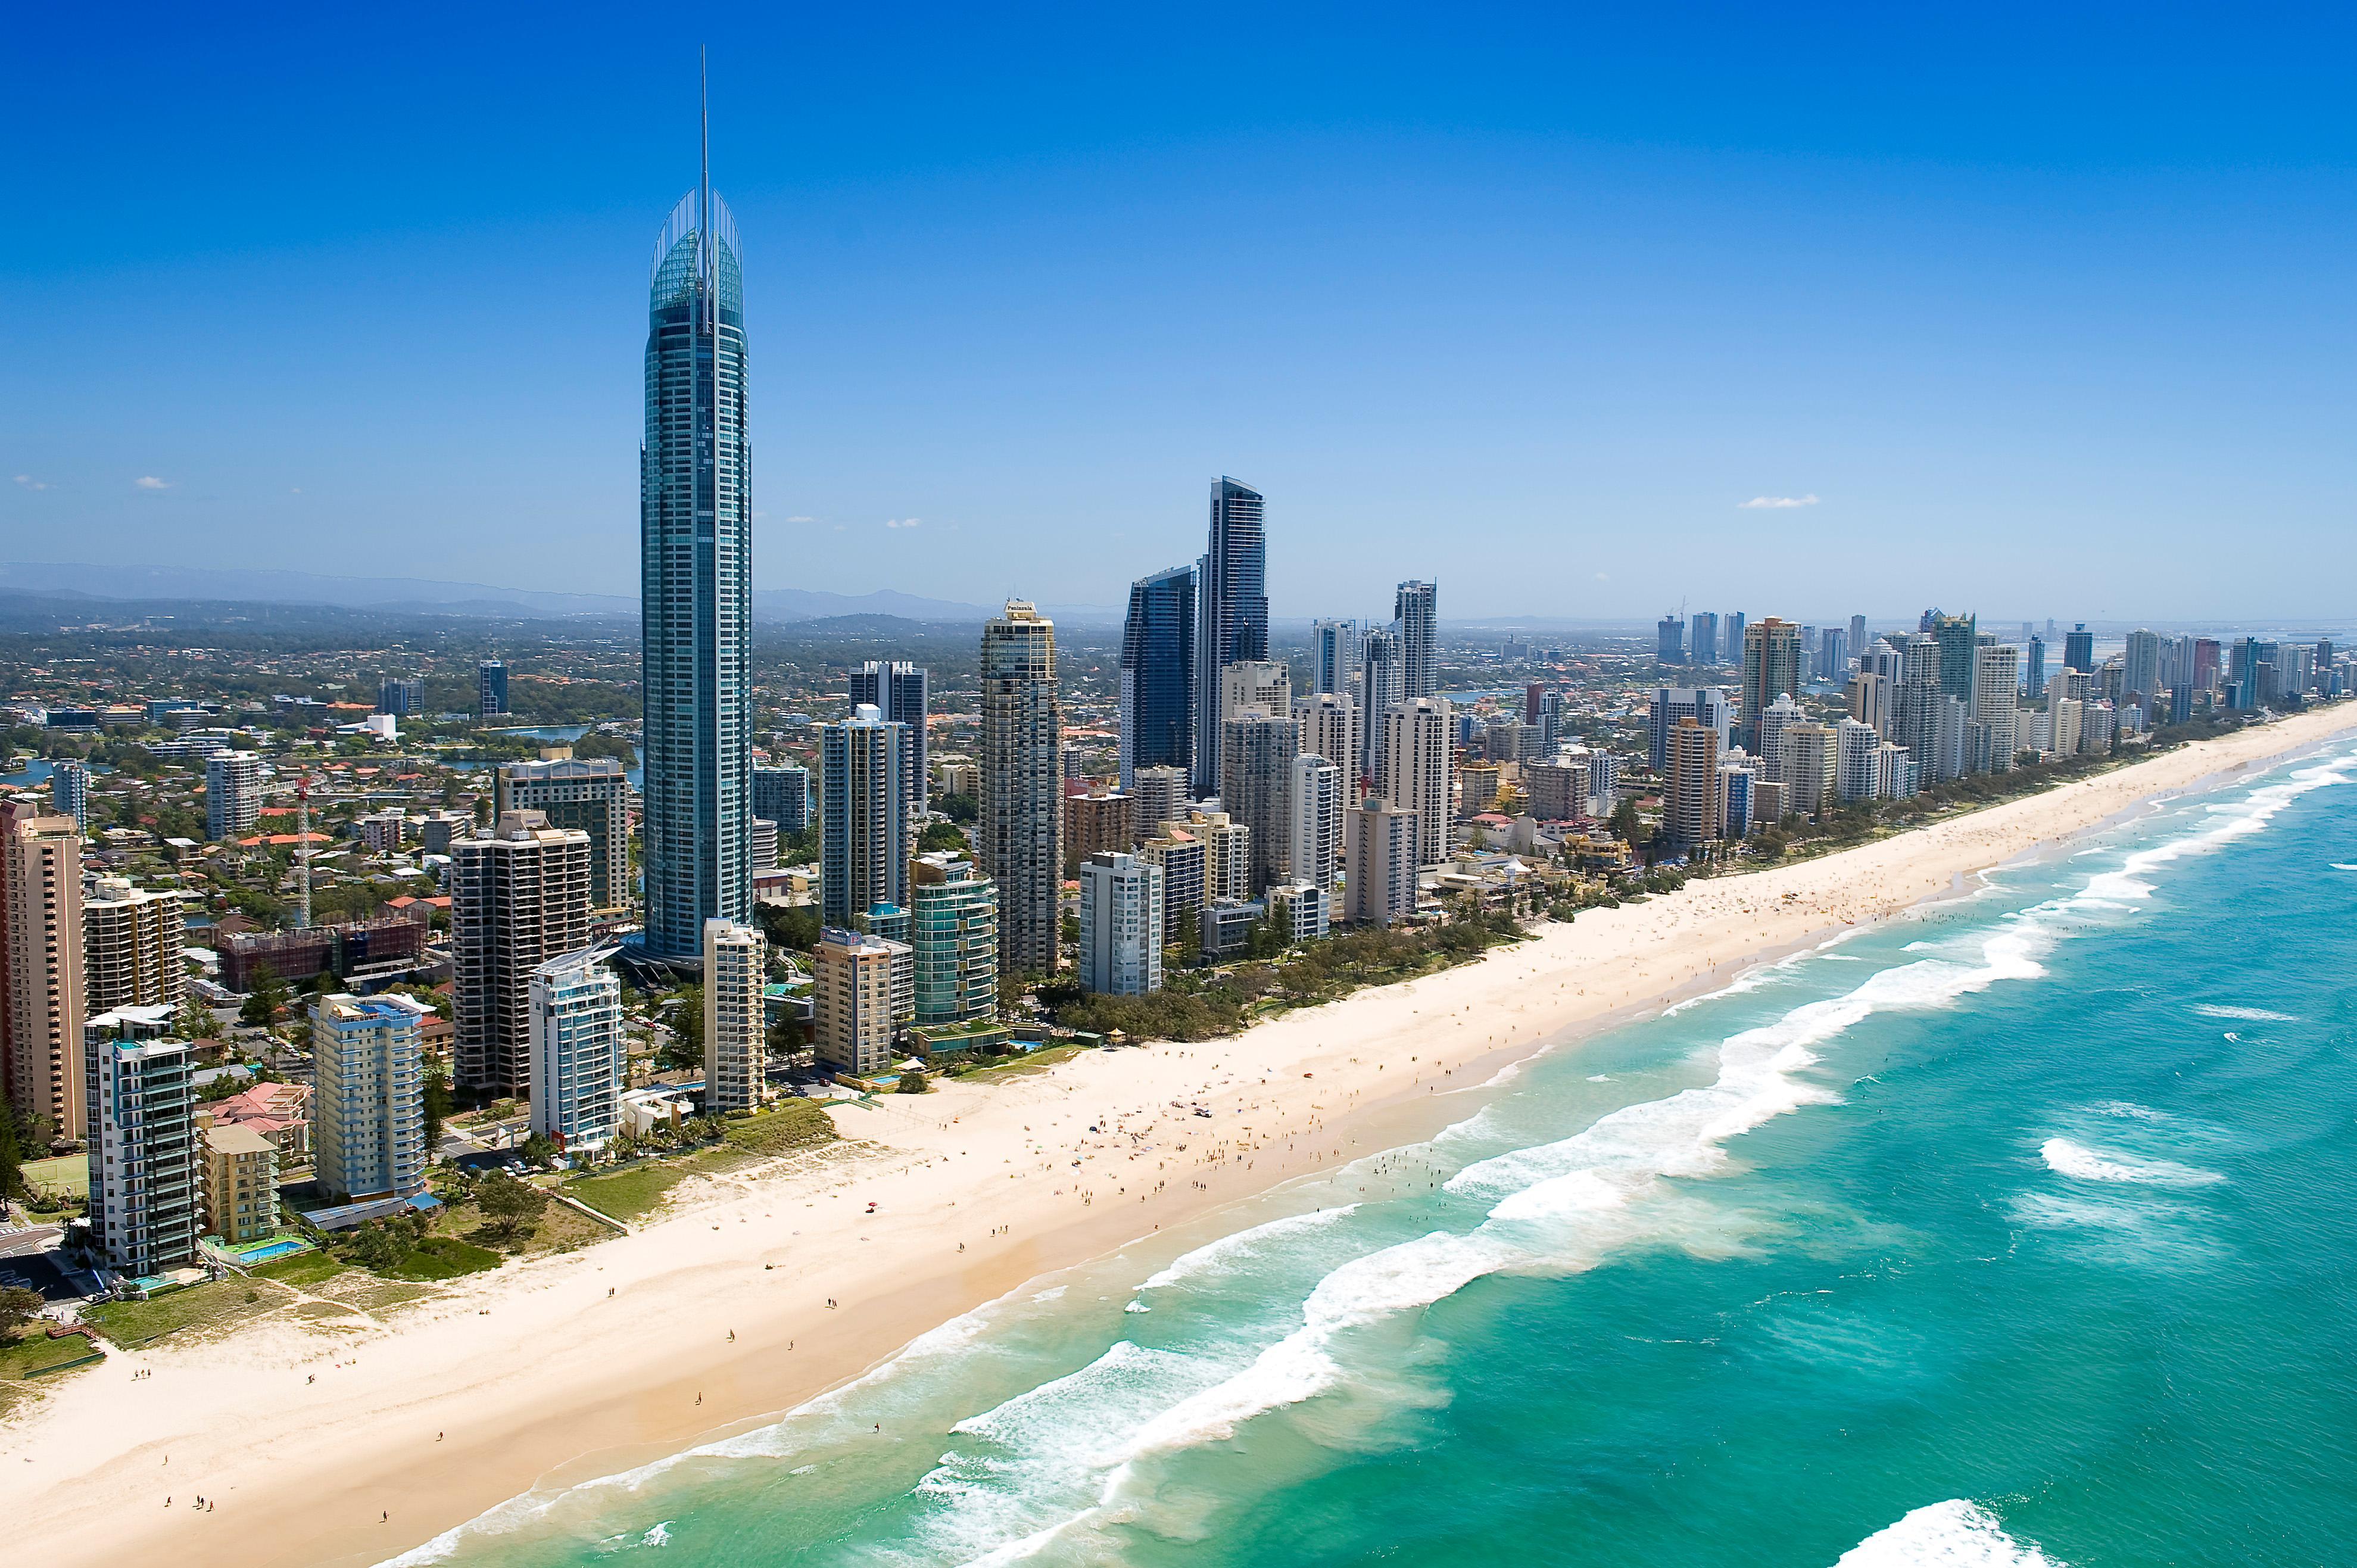 ซัมเมอร์ออสเตรเลีย 2017 เดือนเมษายน 2560